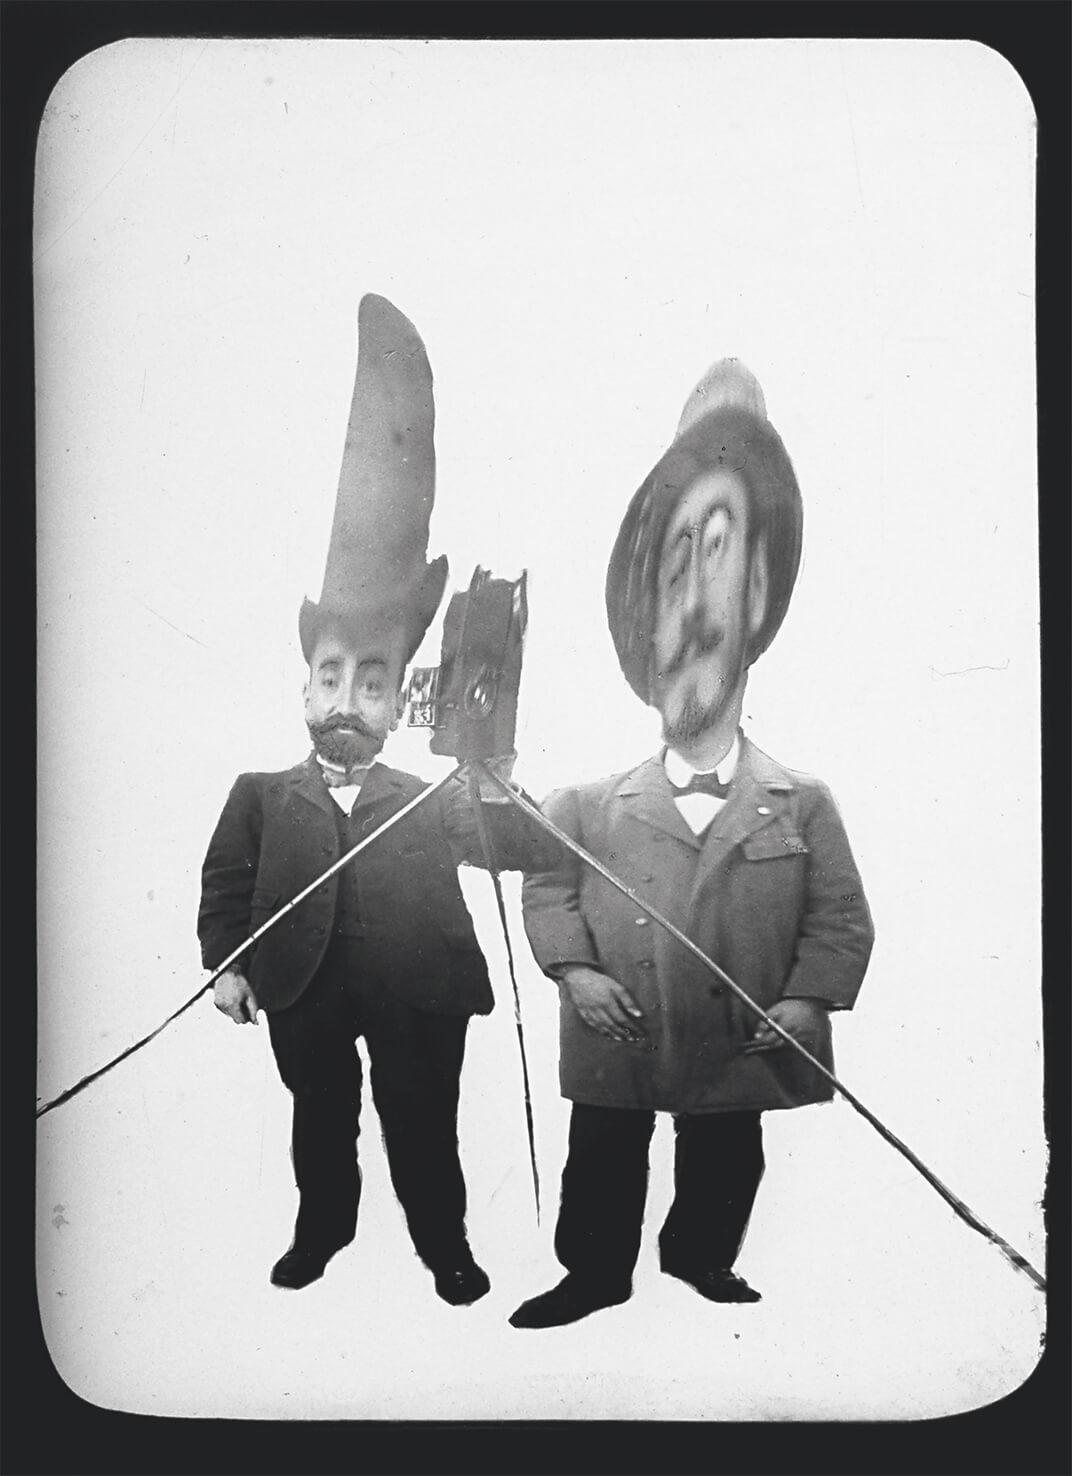 Léon Gimpel, Photographie dans un miroir déformant, 1900. <br>Courtesy éditions Textuel © 2015 Collection privée